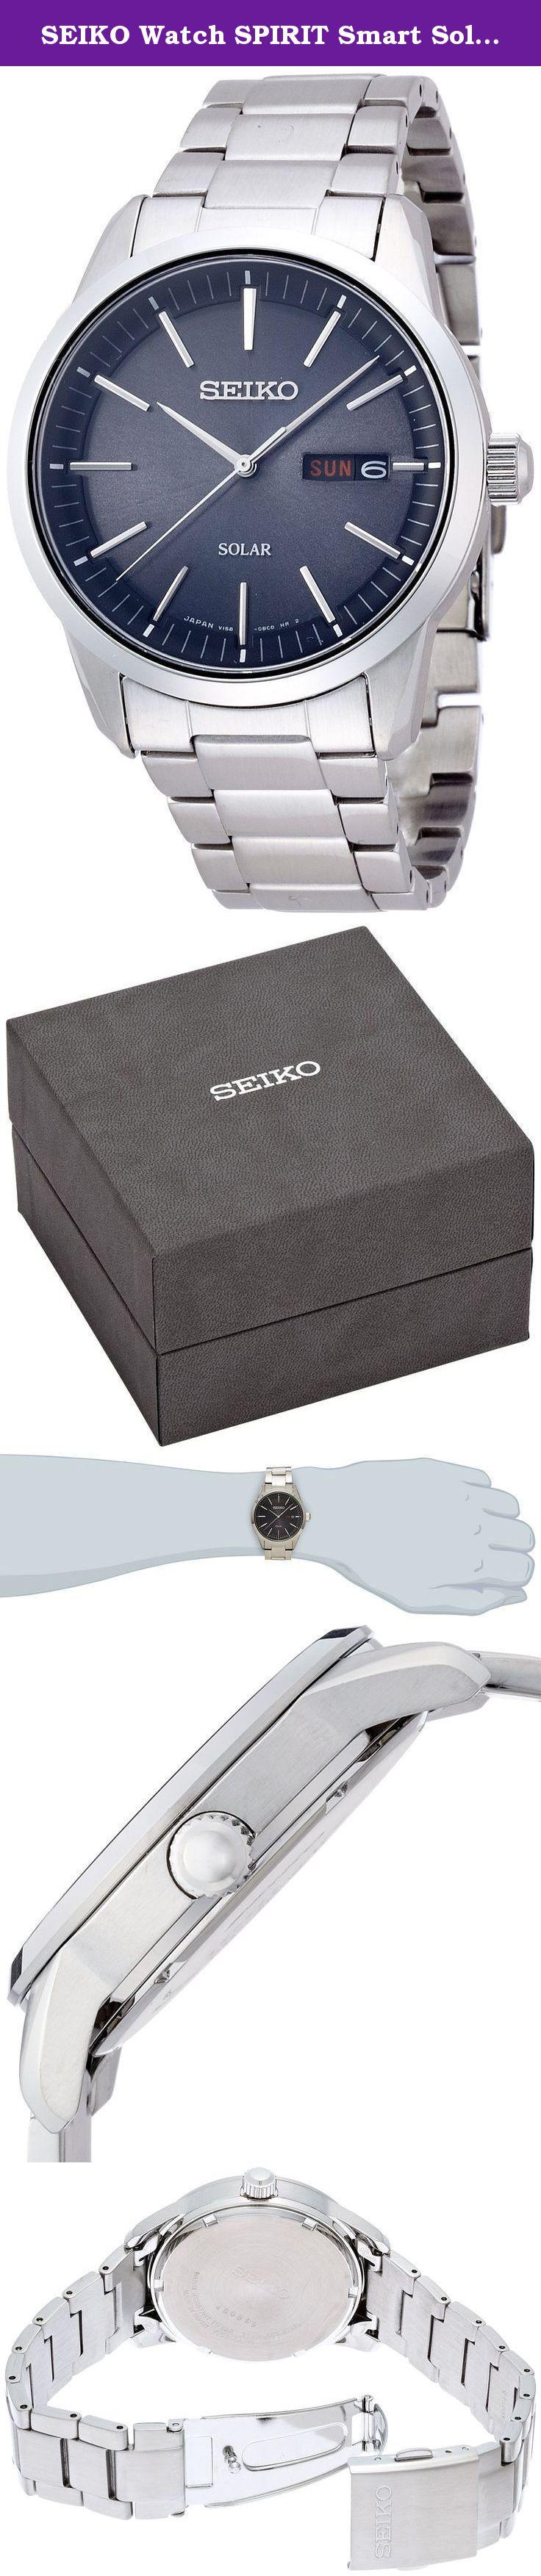 hot sale online 4d12a e6856 SEIKO Watch SPIRIT Smart Solar Sapphire Glass SBPX063 Mens ...